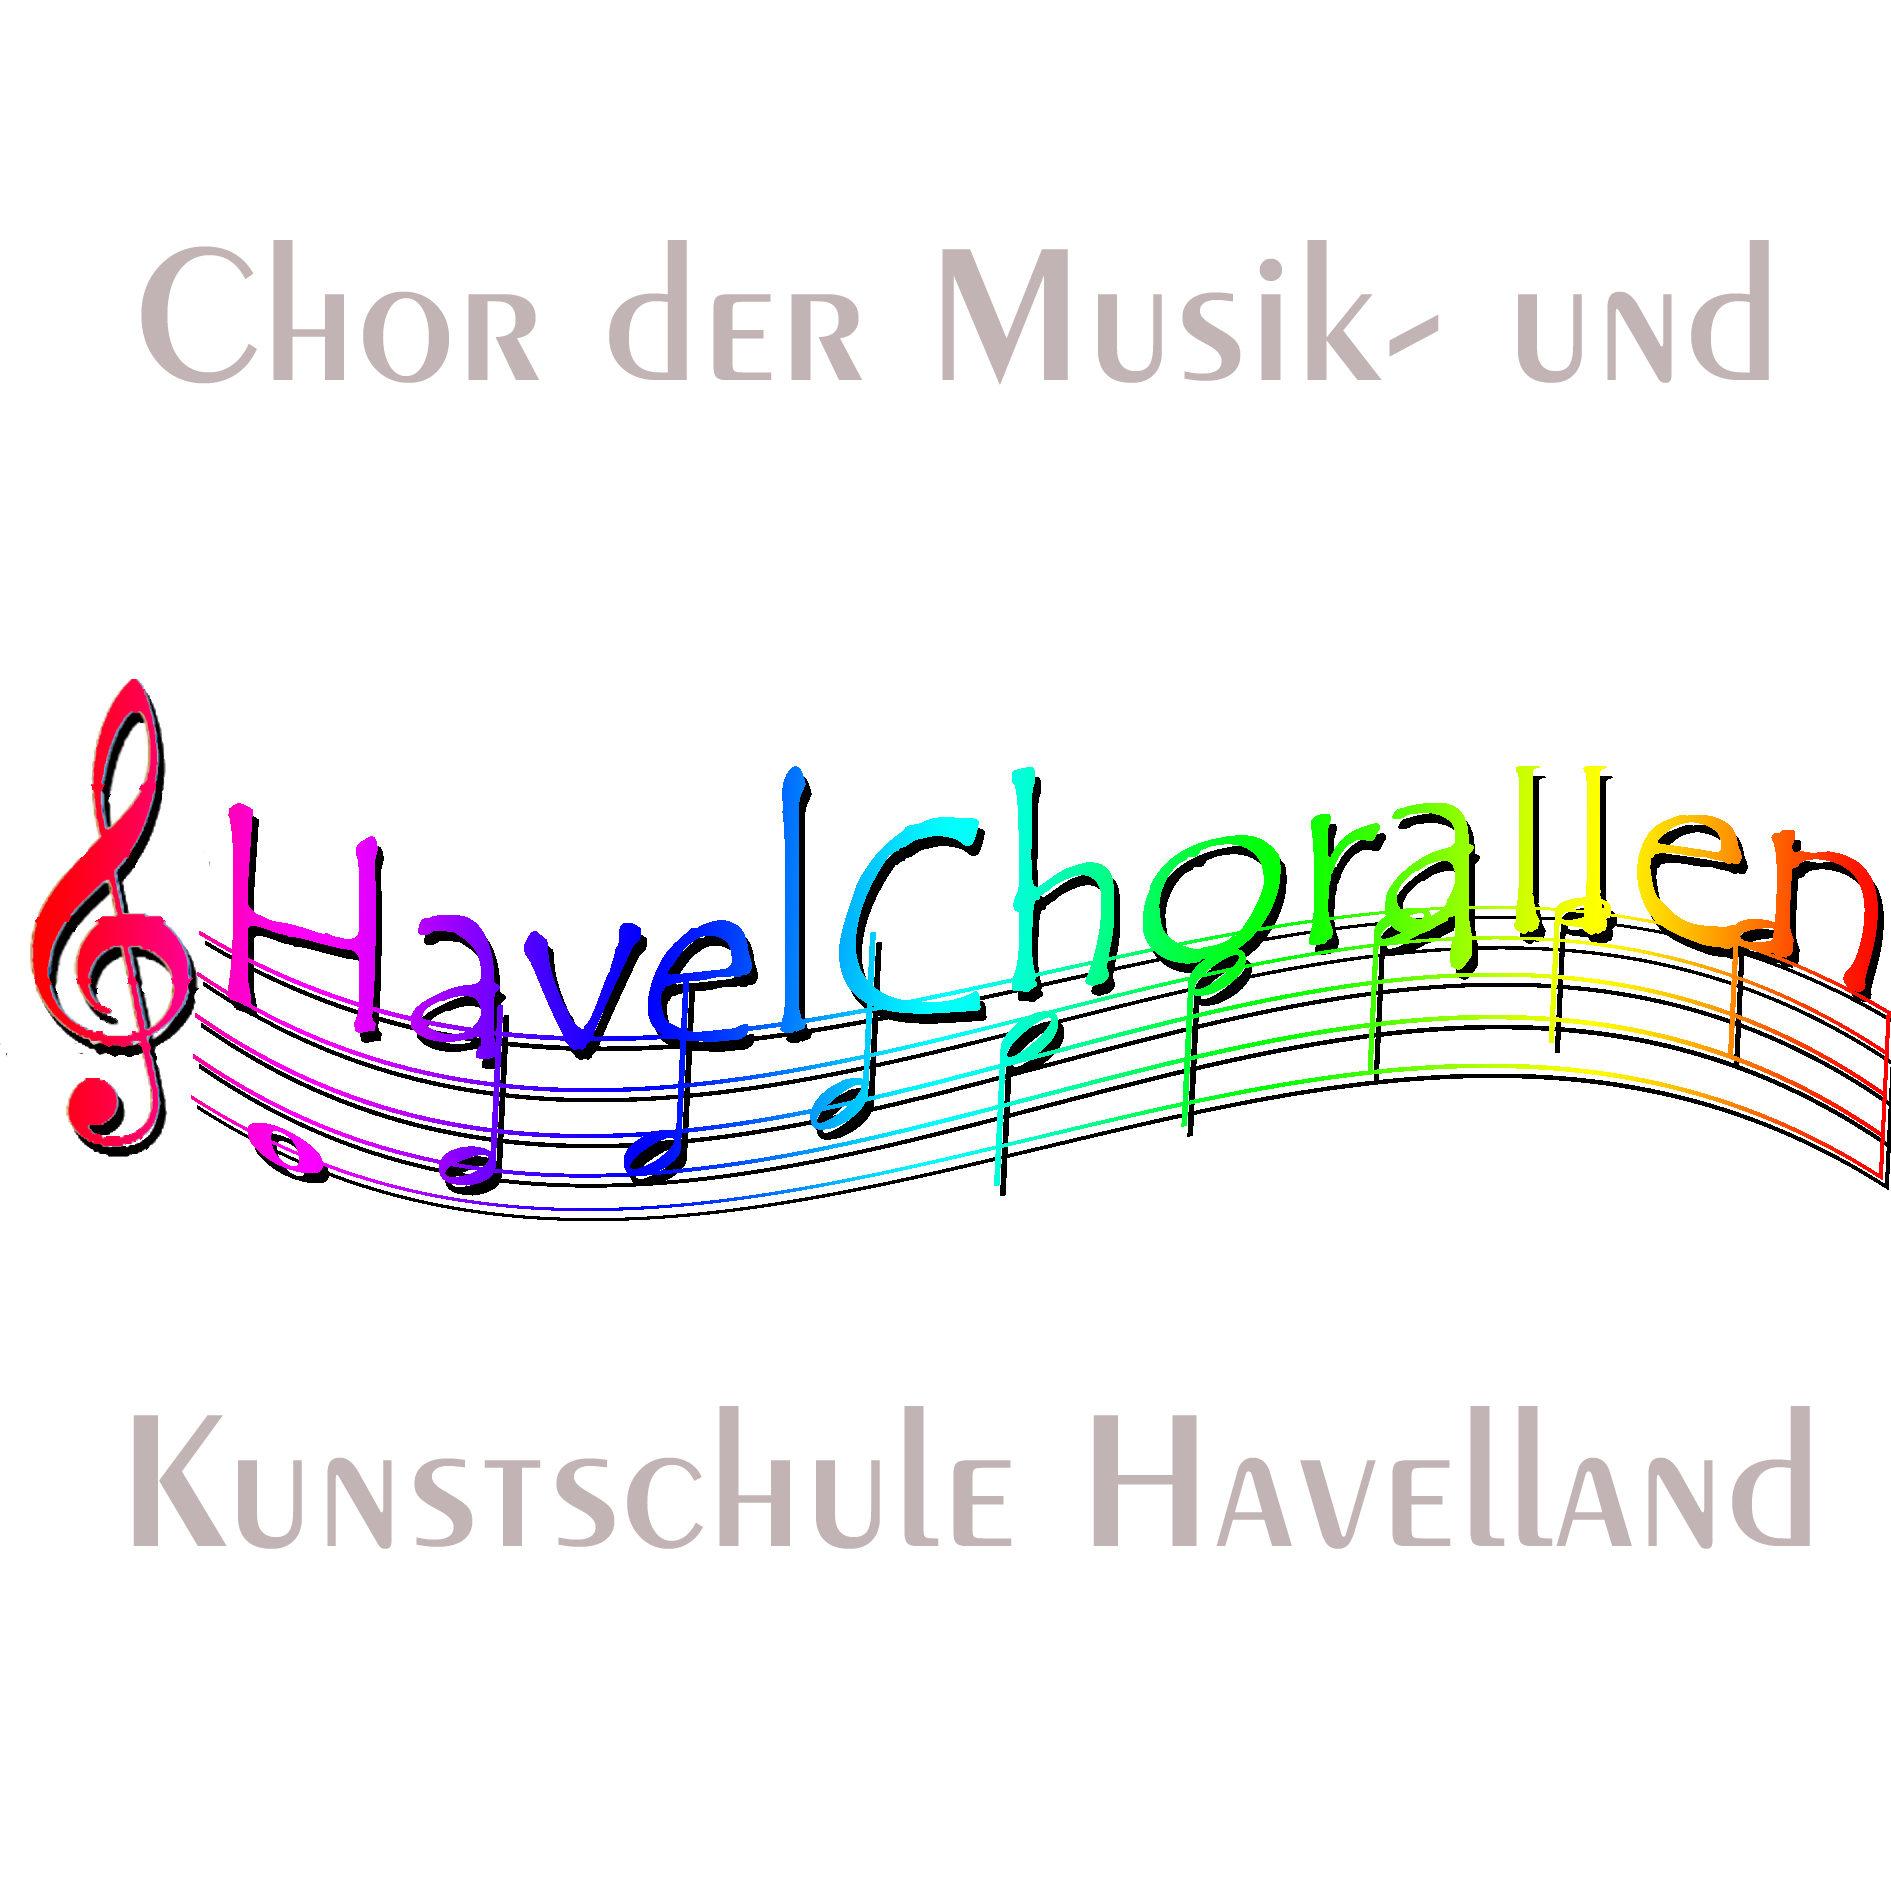 HavelChorallen